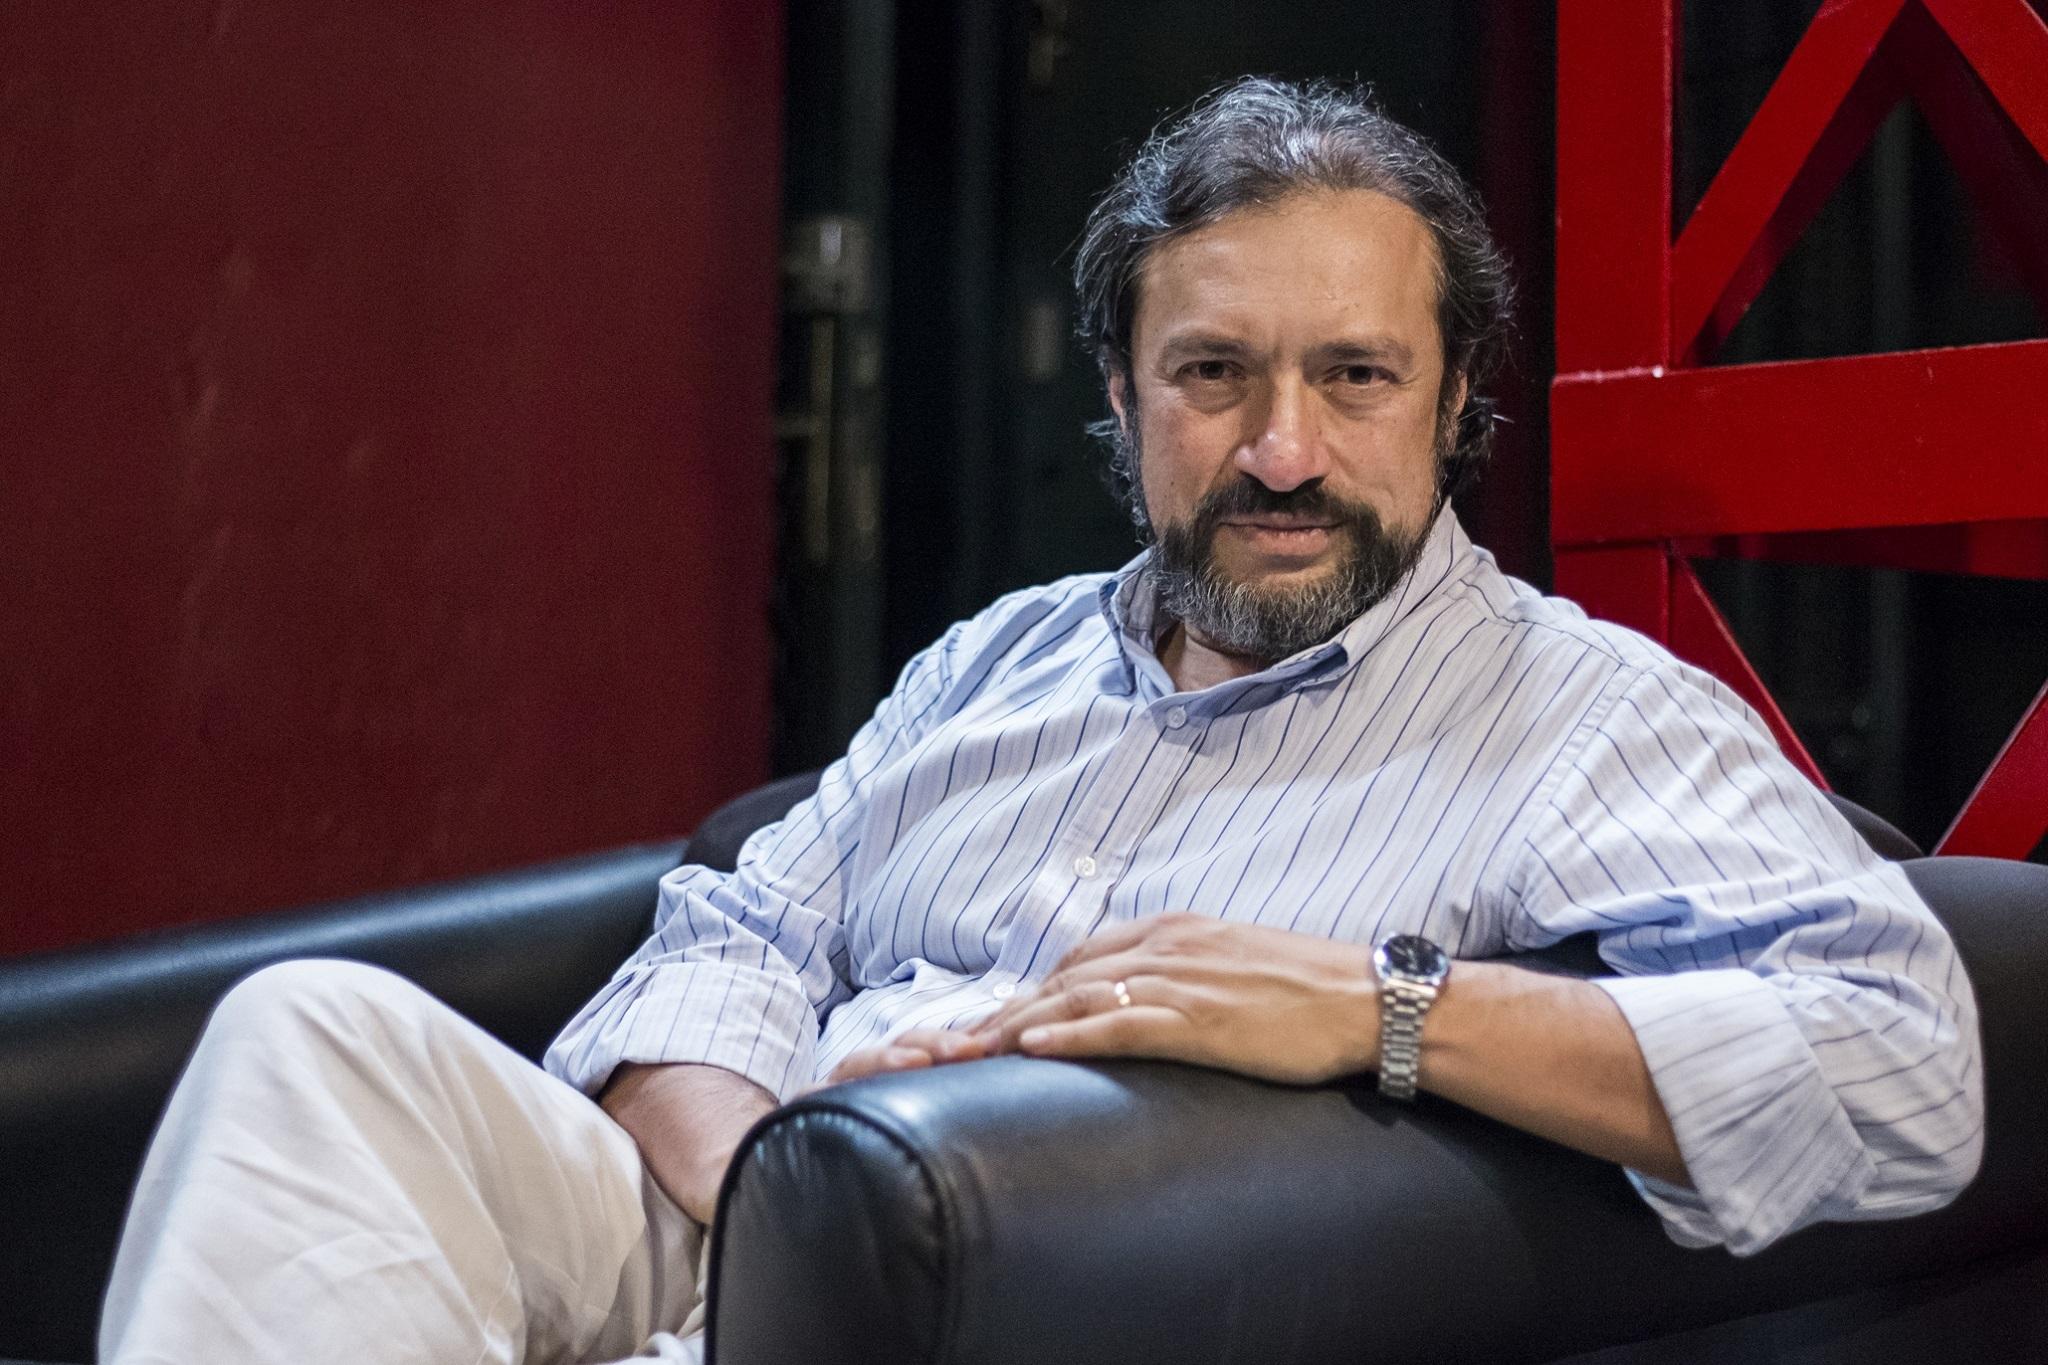 David Olguín